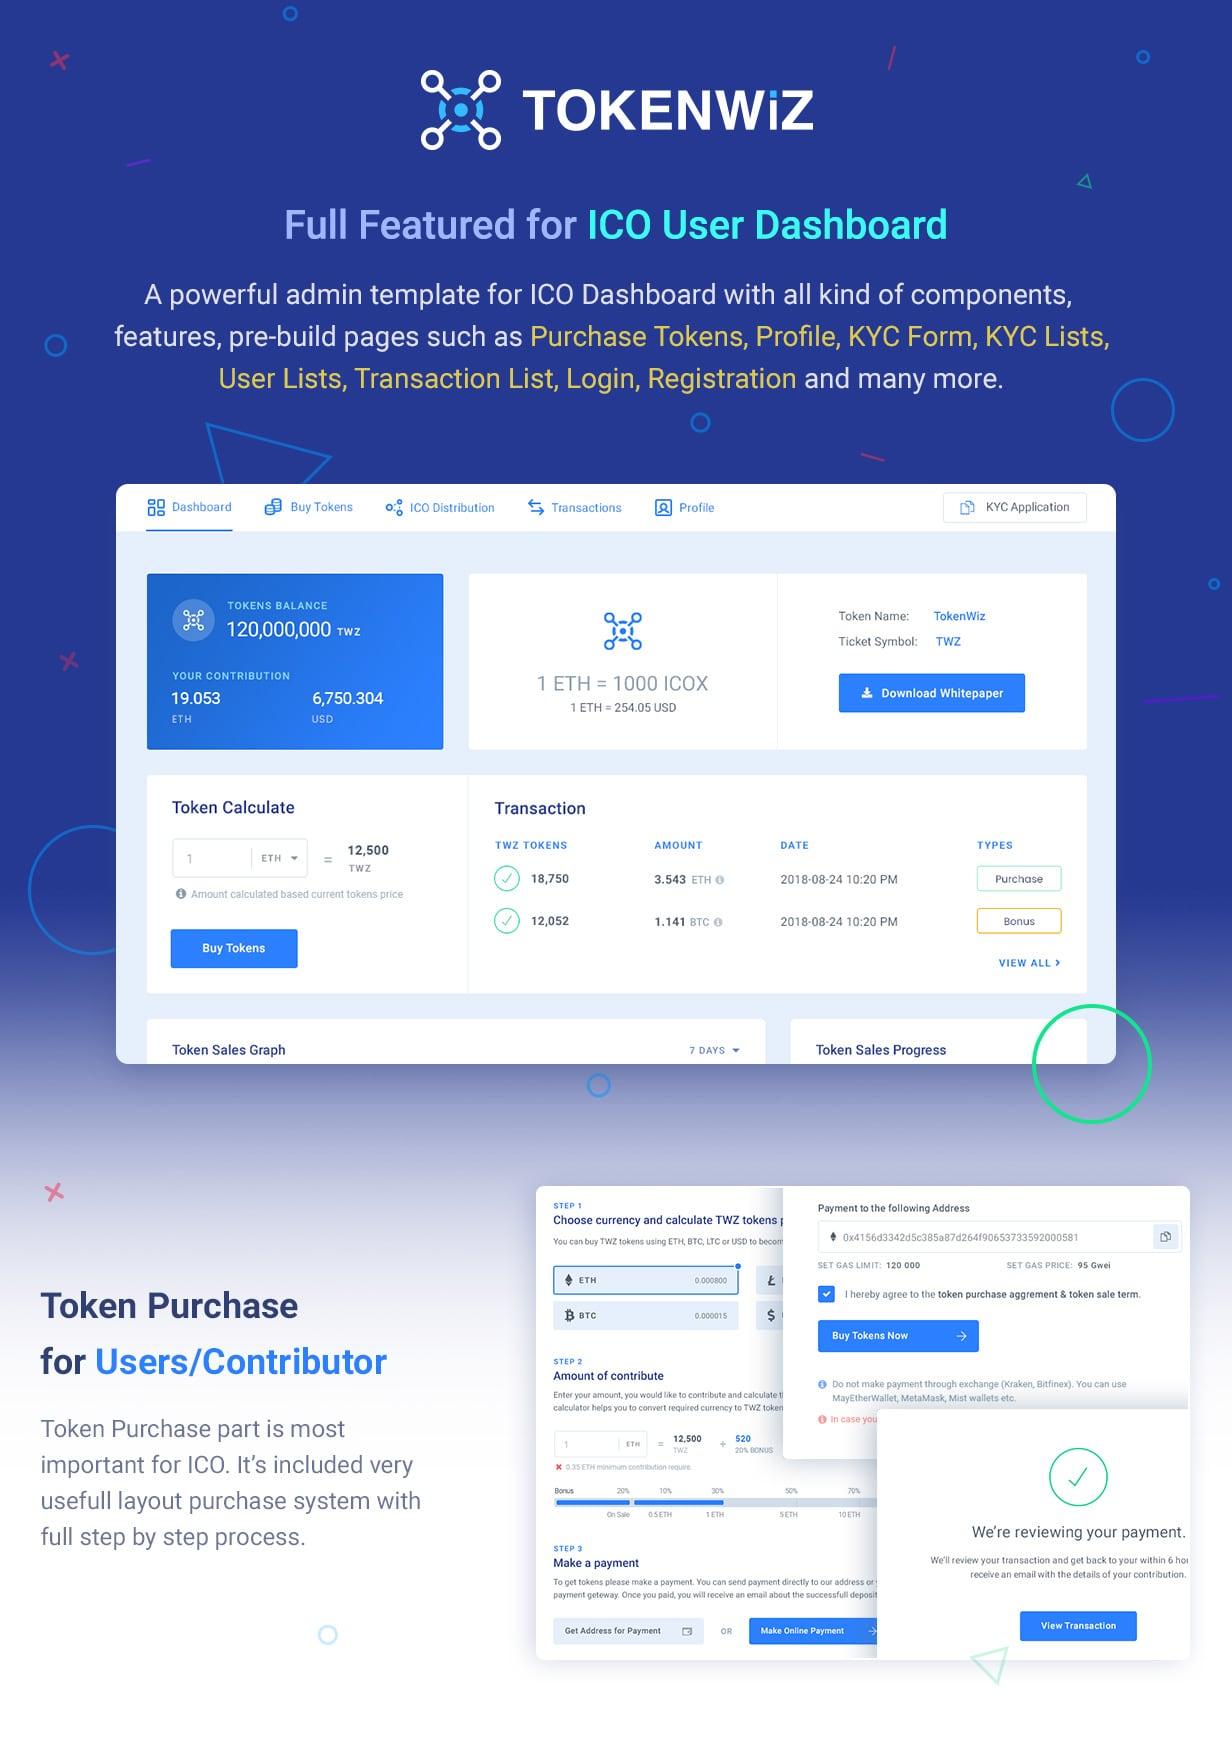 TokenWiz - ICO Dashboard Features